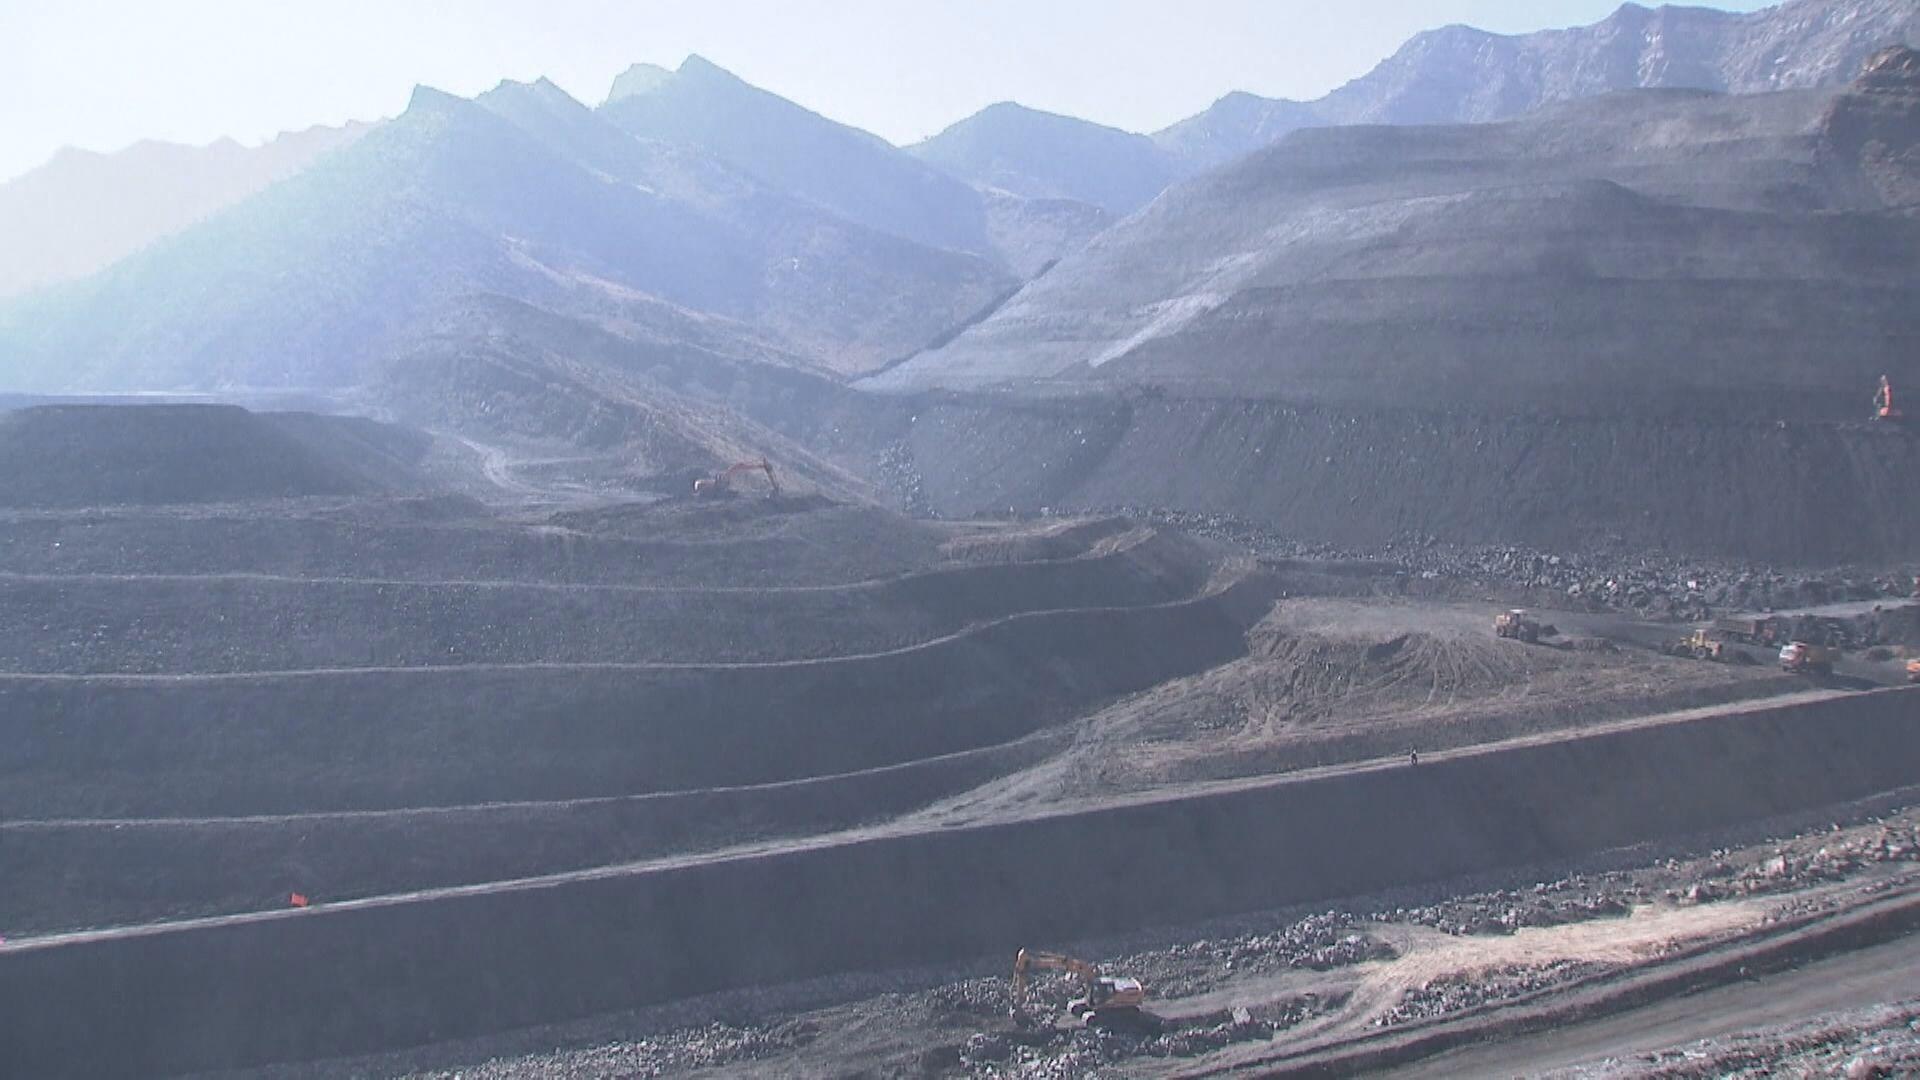 中煤協:引導煤炭市場價格回歸合理區間